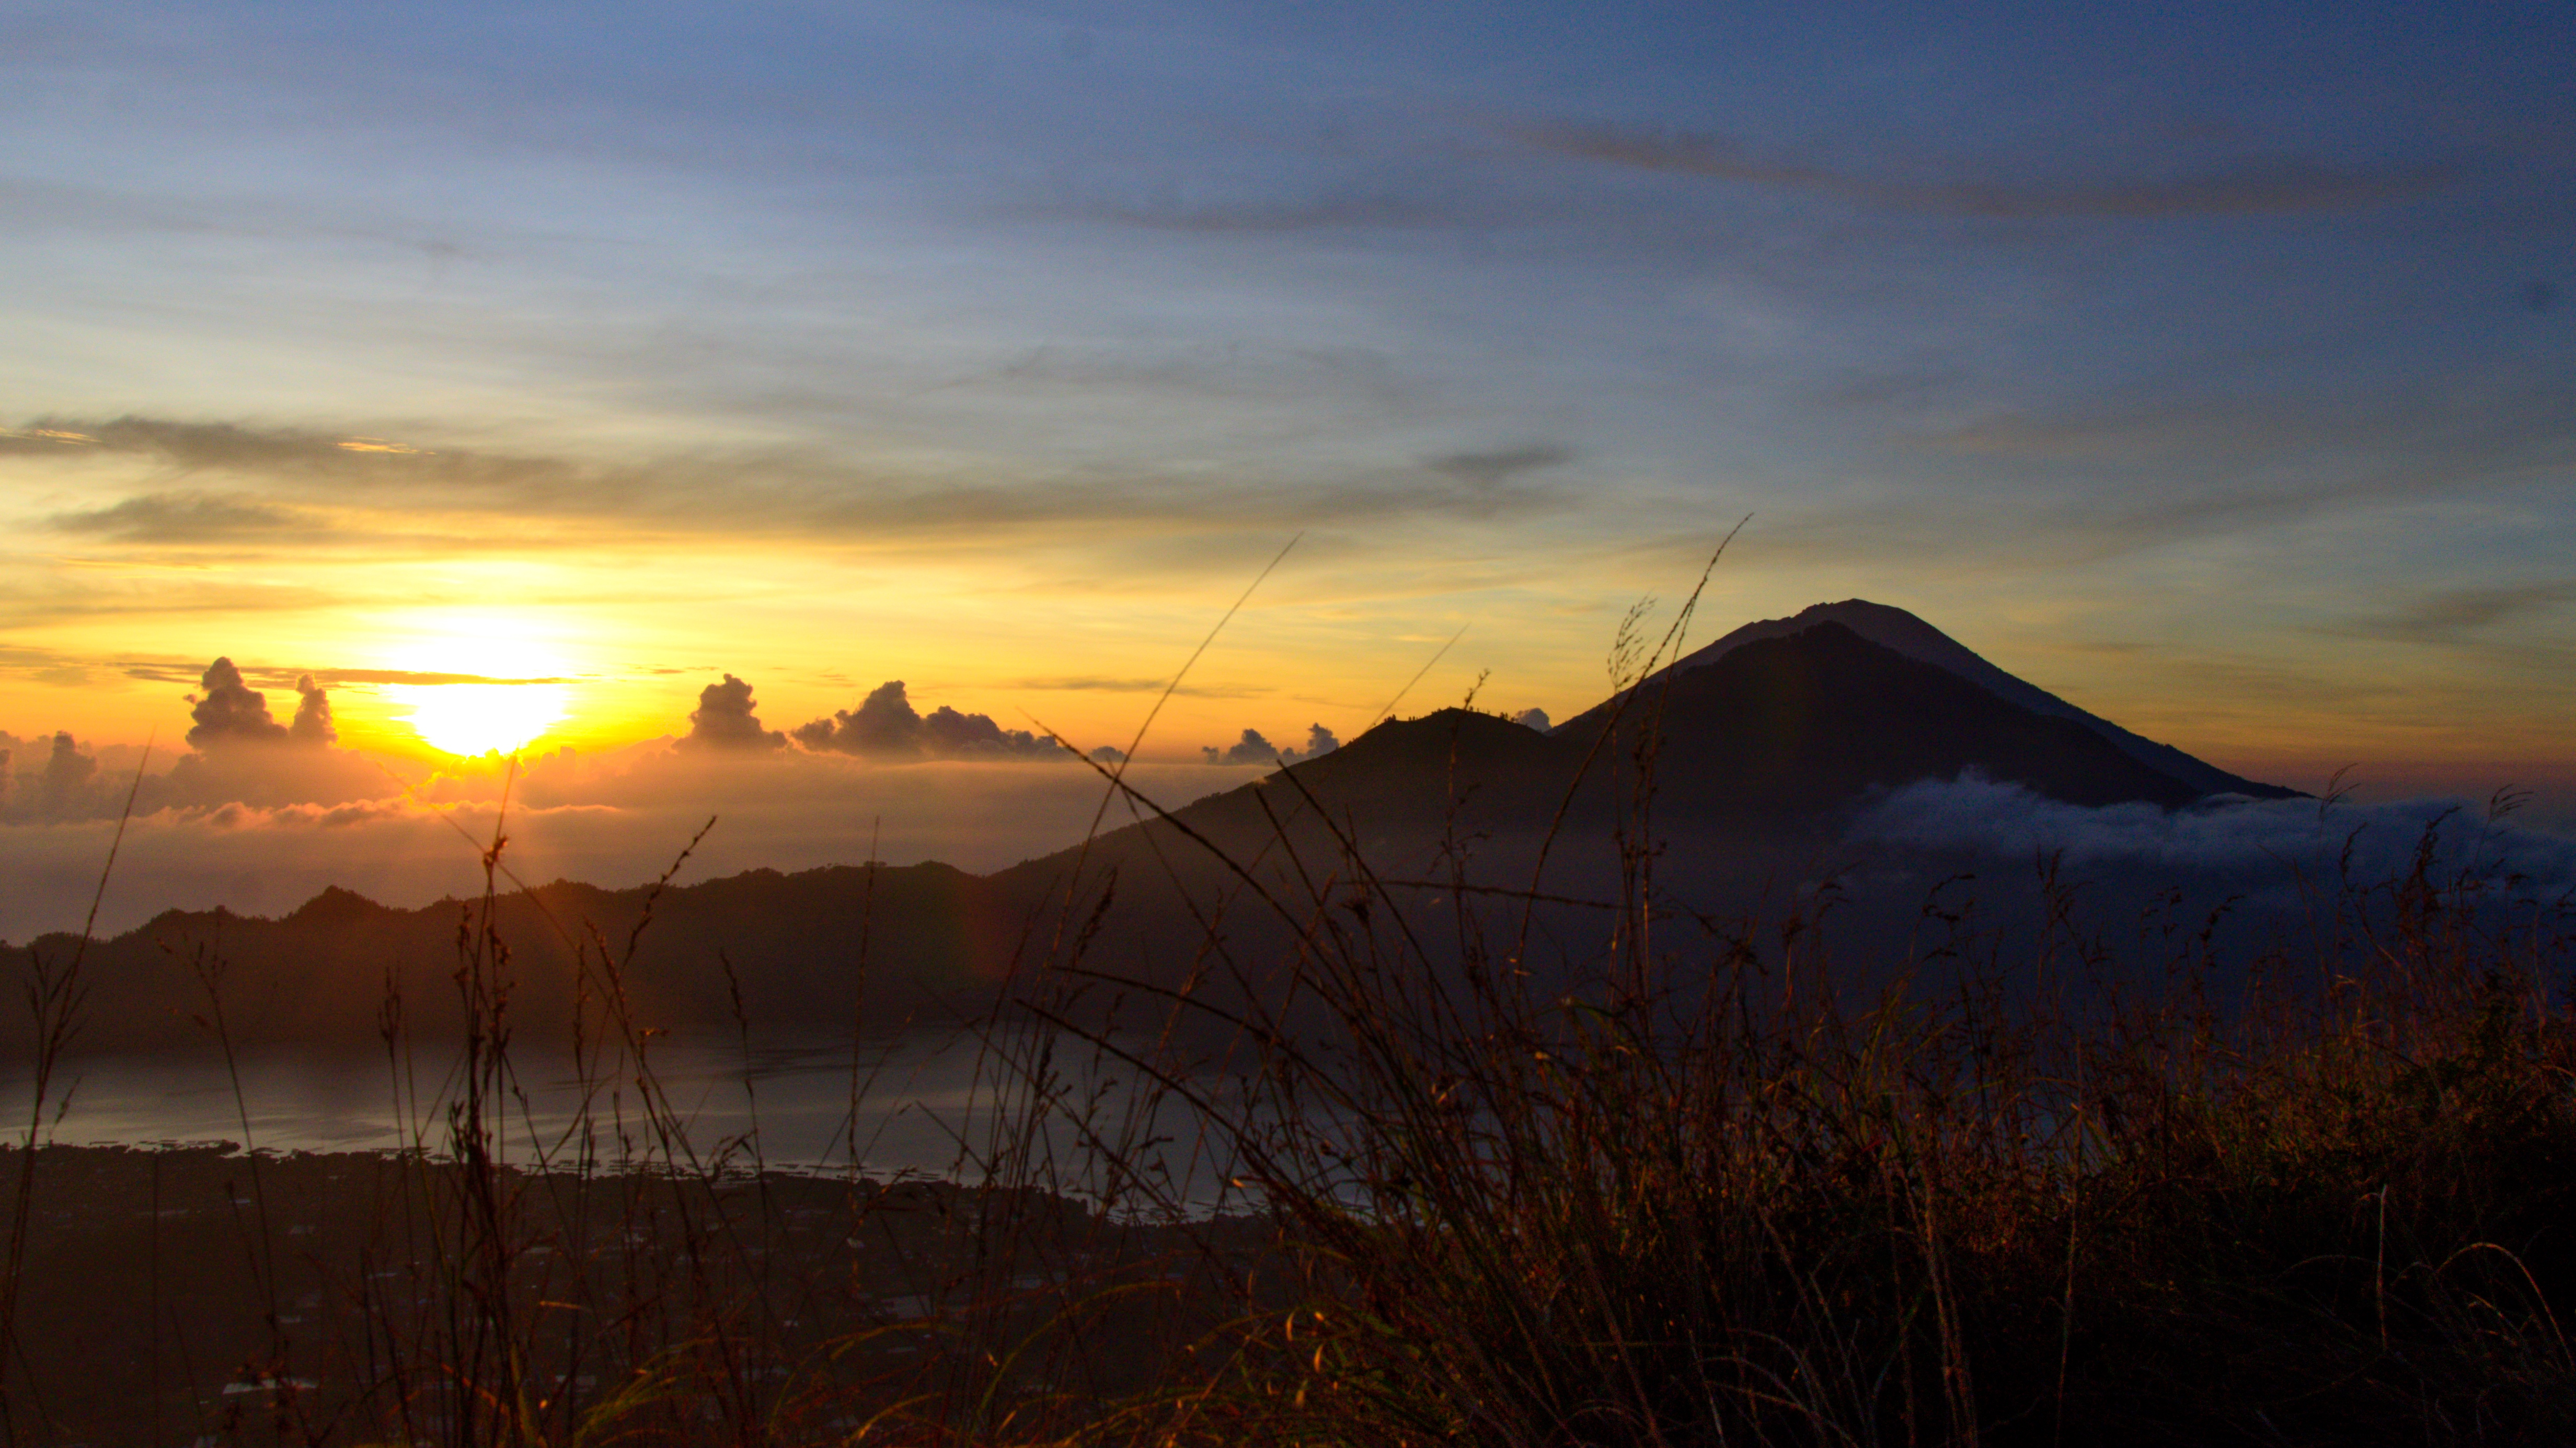 Sunrise Trekking Mount Batur